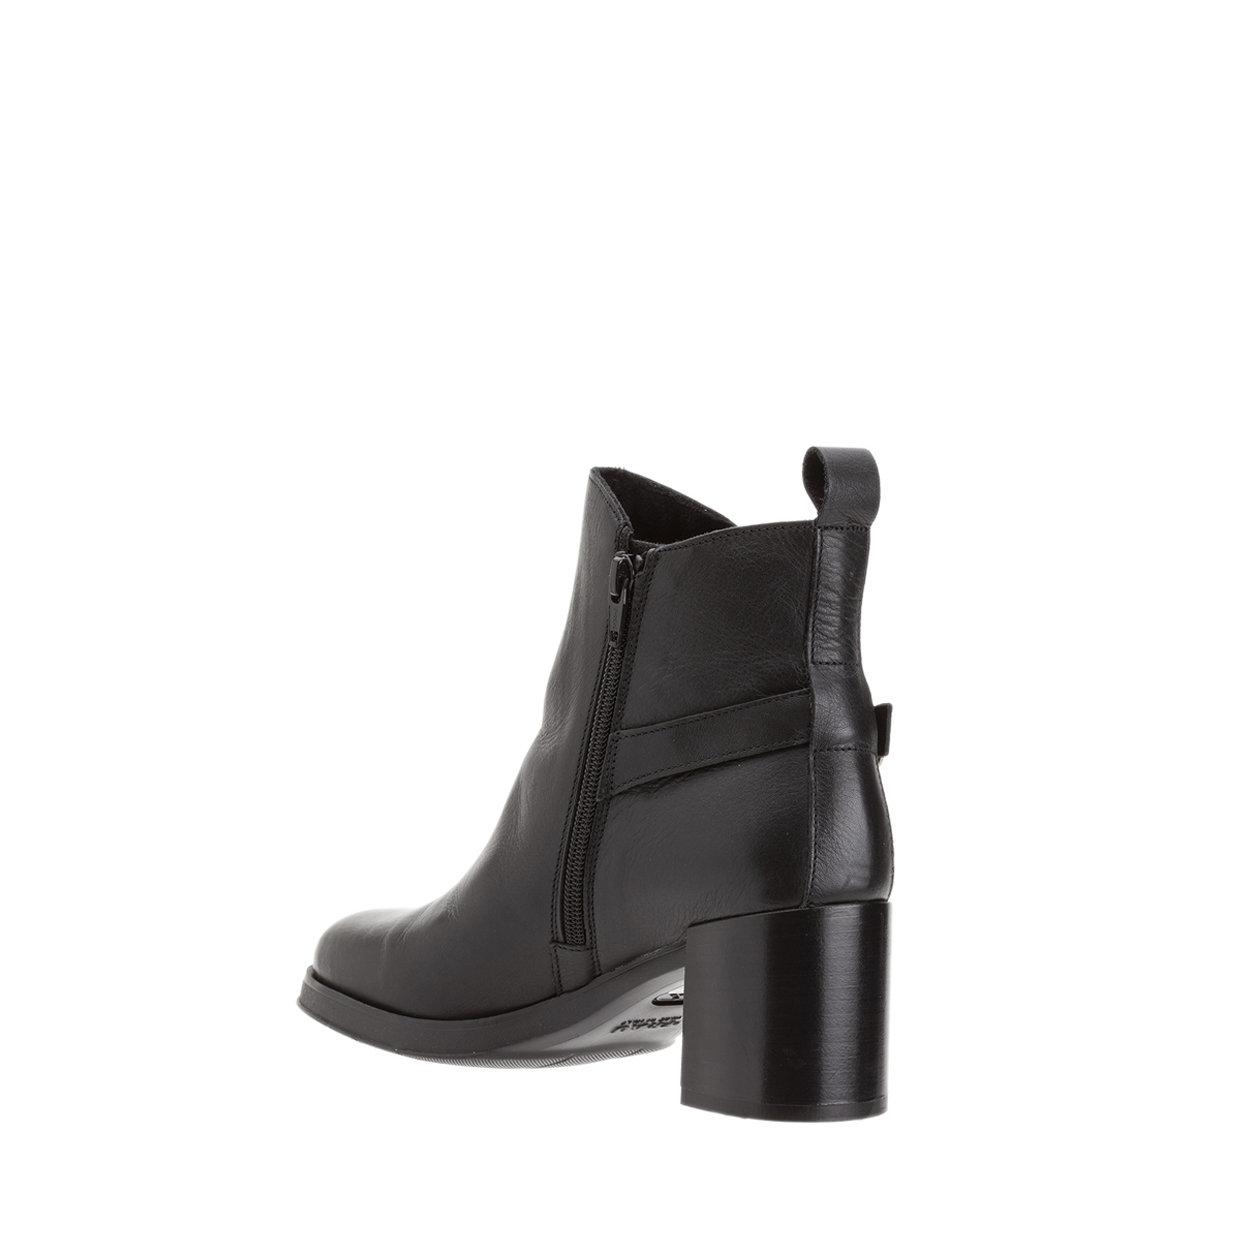 negozio online 3ac68 74f70 Stivaletti con tacco in pelle neri - FRAU - Acquista su Ventis.